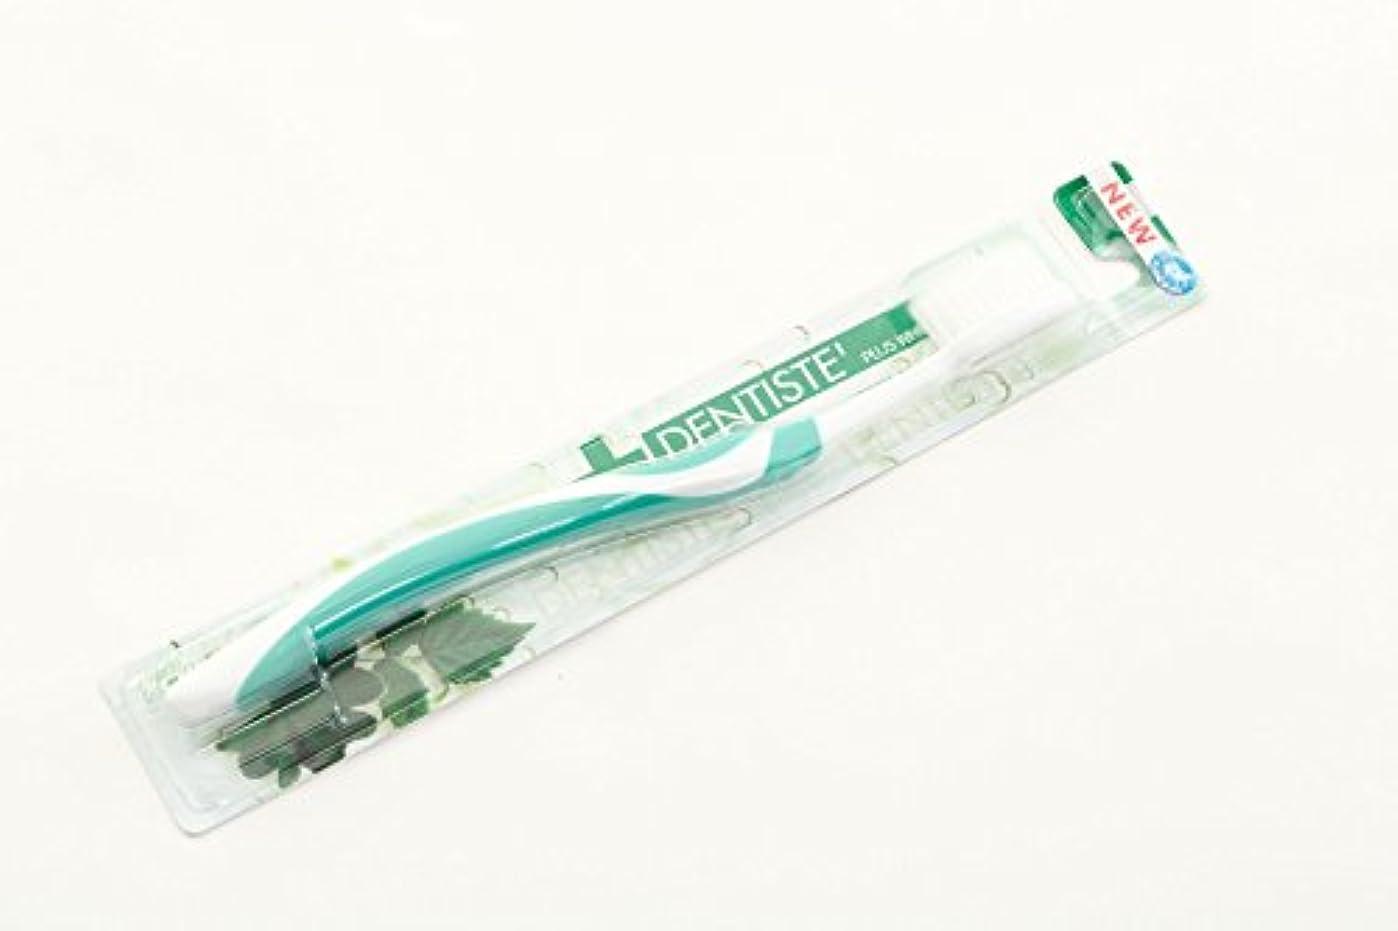 外出慣れるお金@コスメNo1のLove歯磨き デンティス【歯ブラシ DENTISTE  大人用】 人気?売れてます